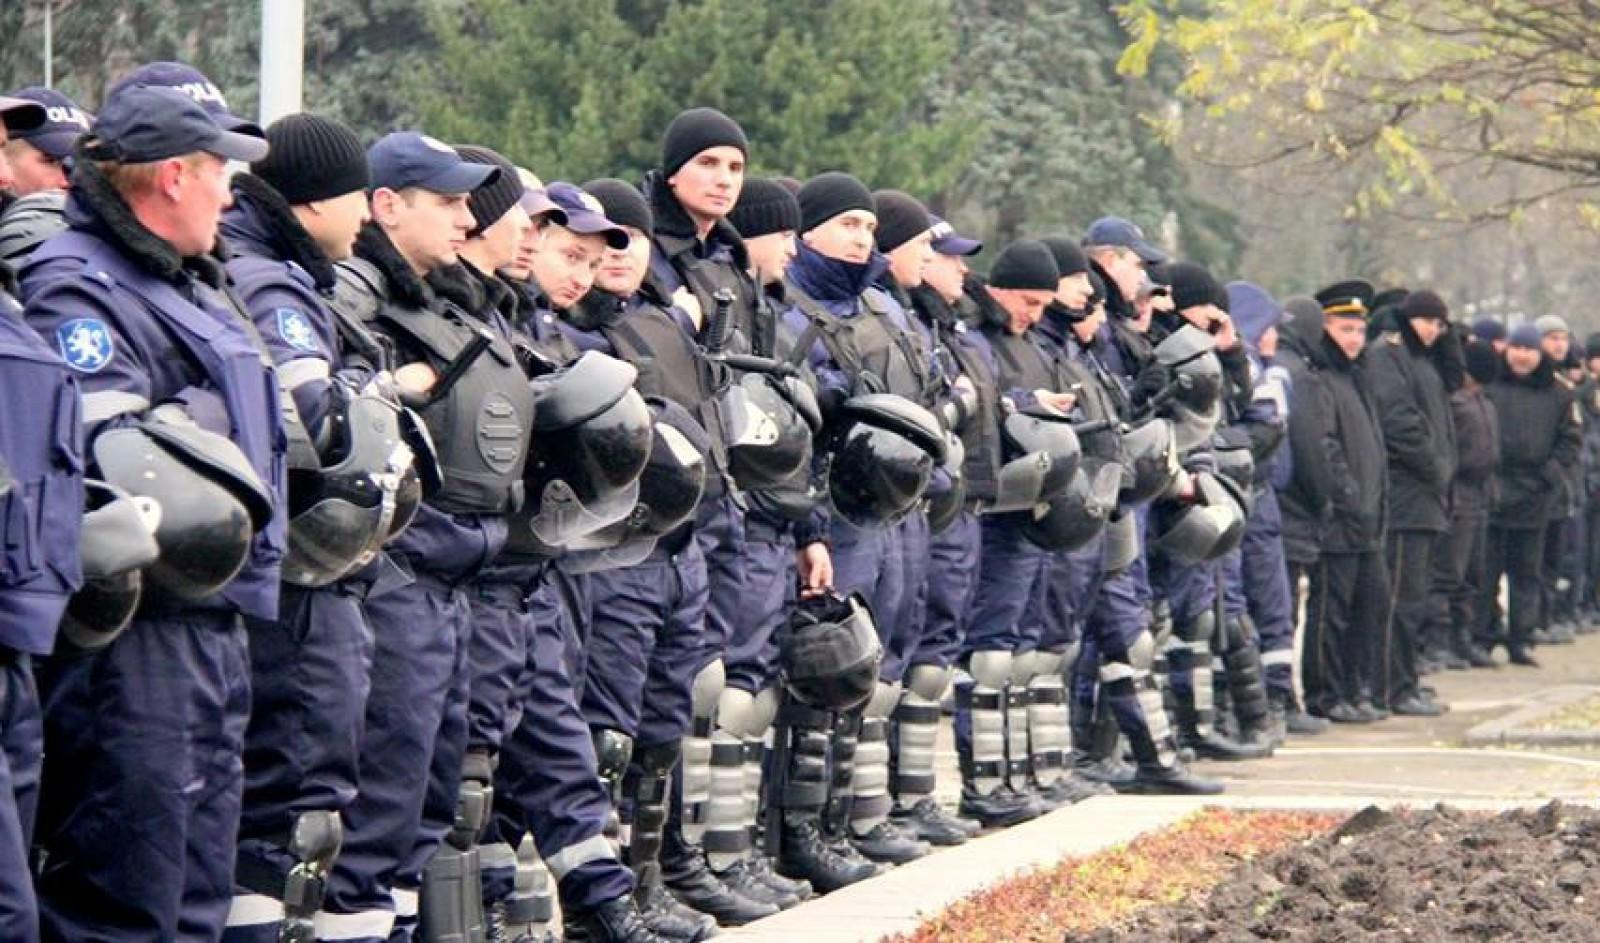 IGP cheamă moldovenii înapoi; O campanie prin care cetățenii RM, care lucrează în poliție peste hotare, pot să vină să ofere lecții oamenilor legii din Moldova